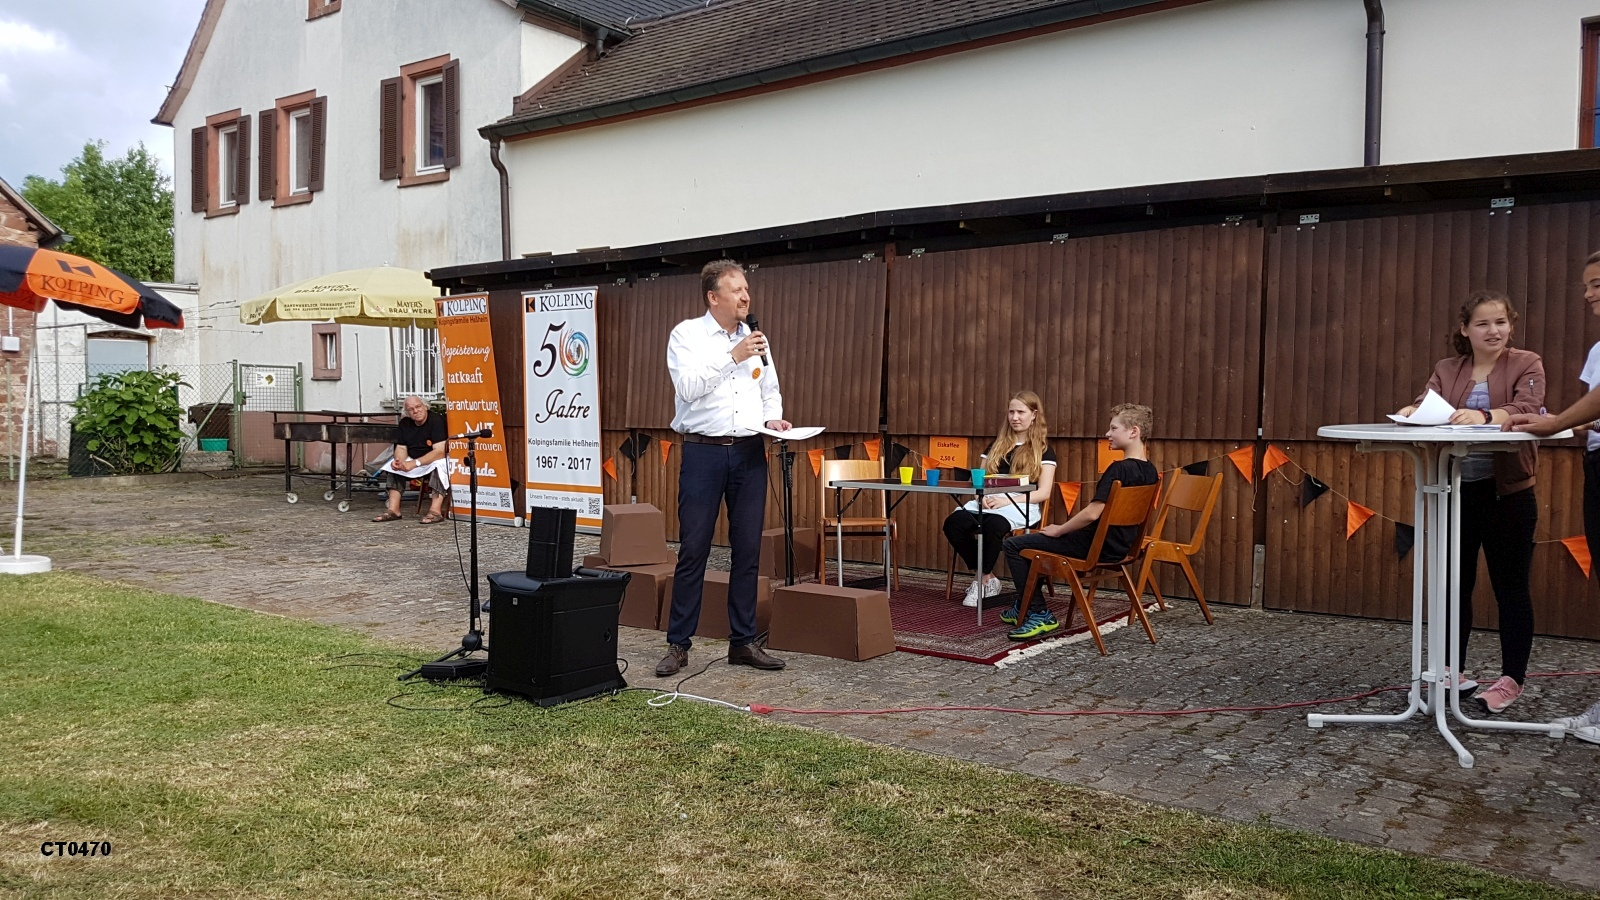 Begrüßung durch unseren Schirmherren, Verbandsgemeindebürgermiester Michael Reith